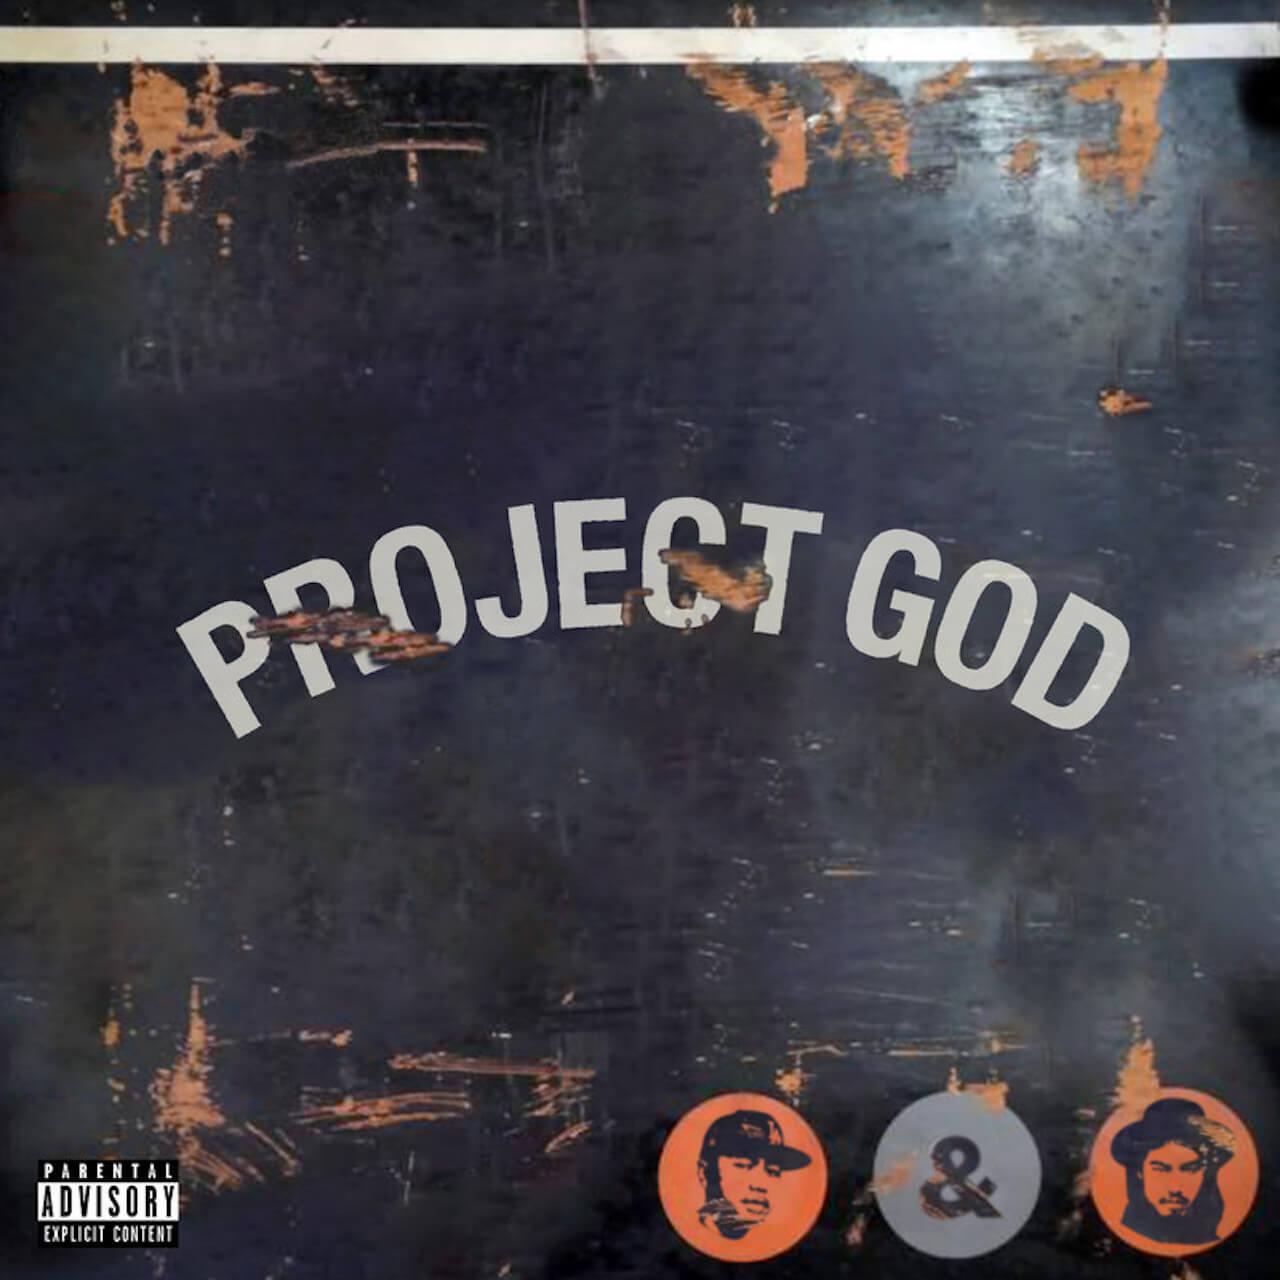 VIKNとK.A.N.T.AのコラボEP『PROJECT GOD』がリリース|YUNG NIGO、MADDY SOMA、KWSK AGGYが参加 music200804-vikn-kanta